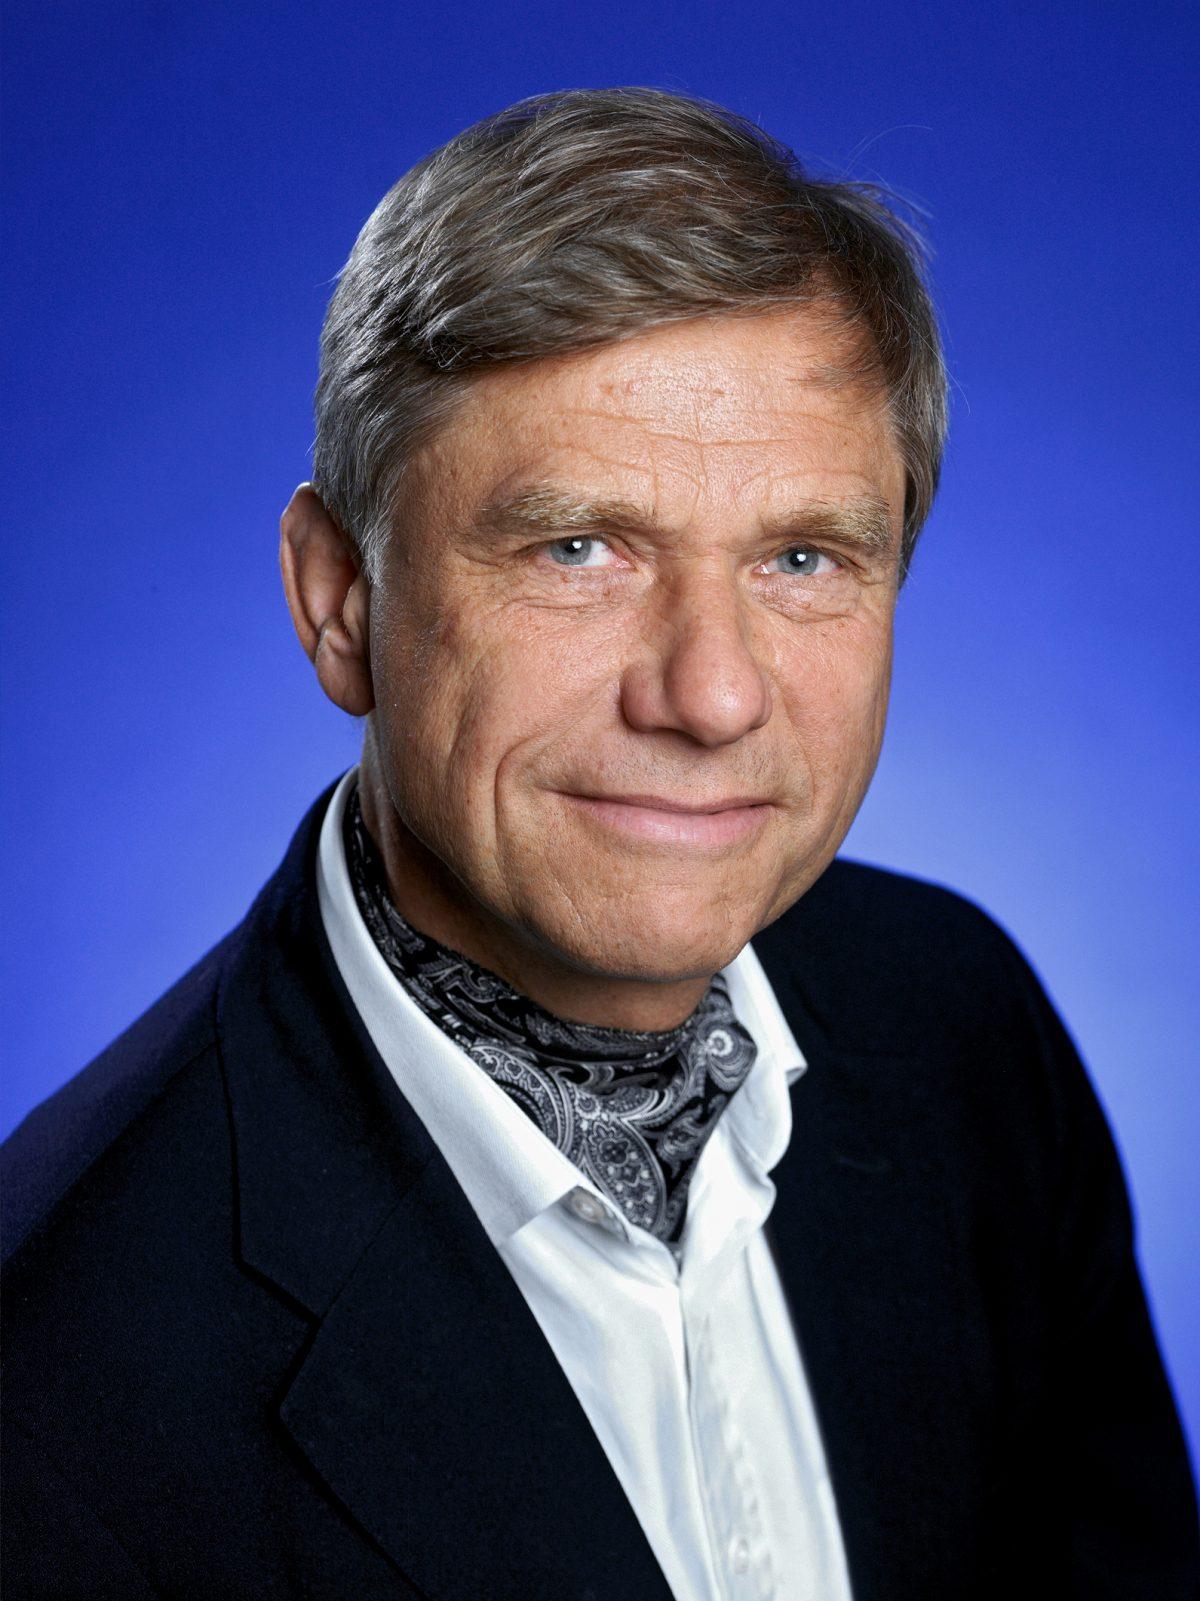 ヘルマヌ・ハウサー氏(エーコーンコンビューターの創業者、ARM社の創業者、アマデアス・カピタル・パルトナーズの創業者兼パートナー)